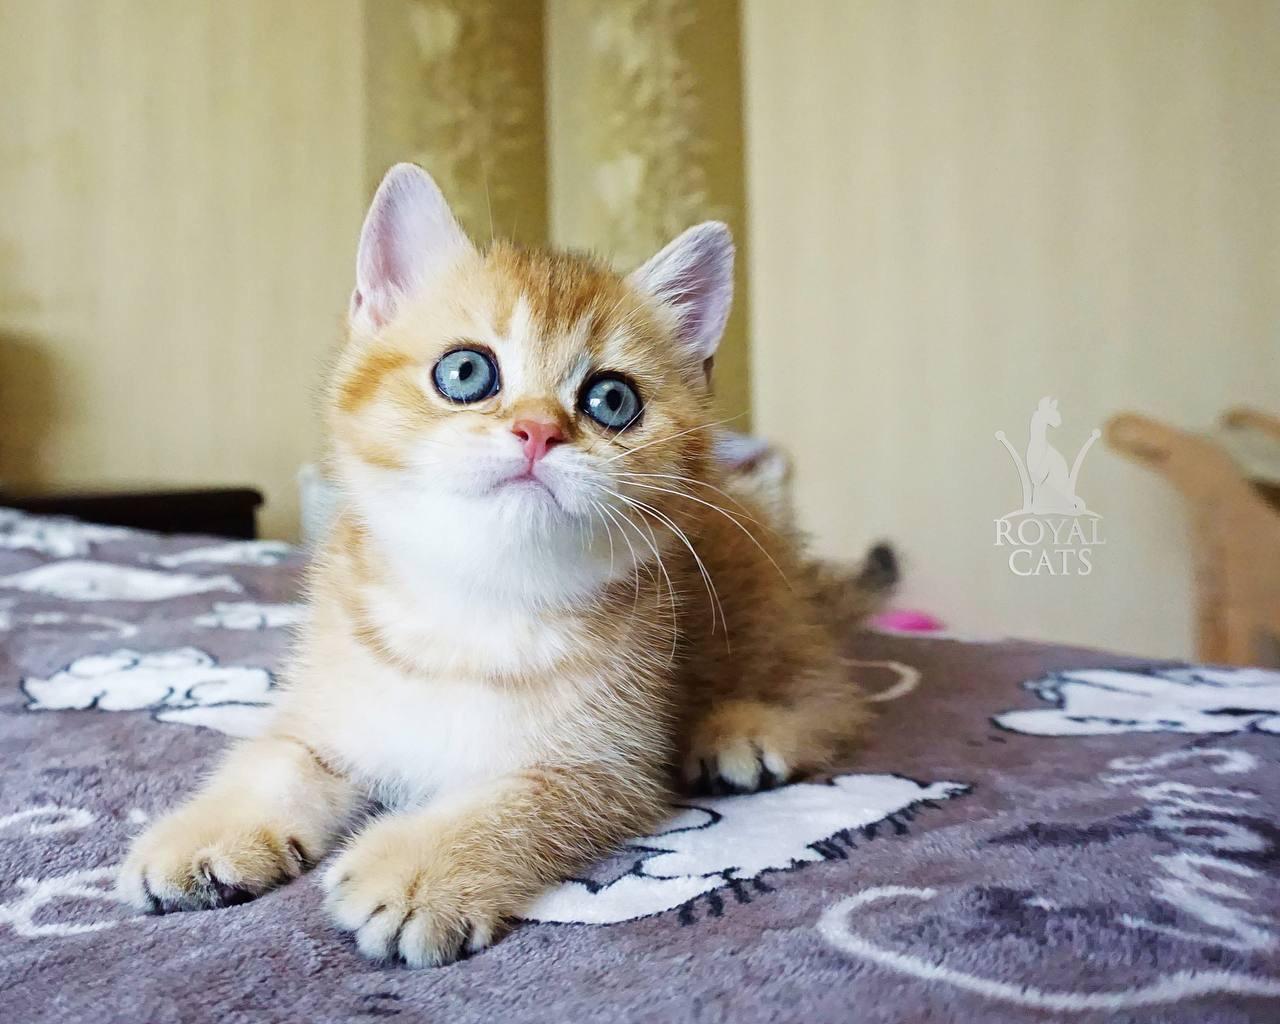 Дівчинка. Шотландська прямоухая золота шиншила, народжений 31.05.2021 в розпліднику Royal Cats. Україна, Київ